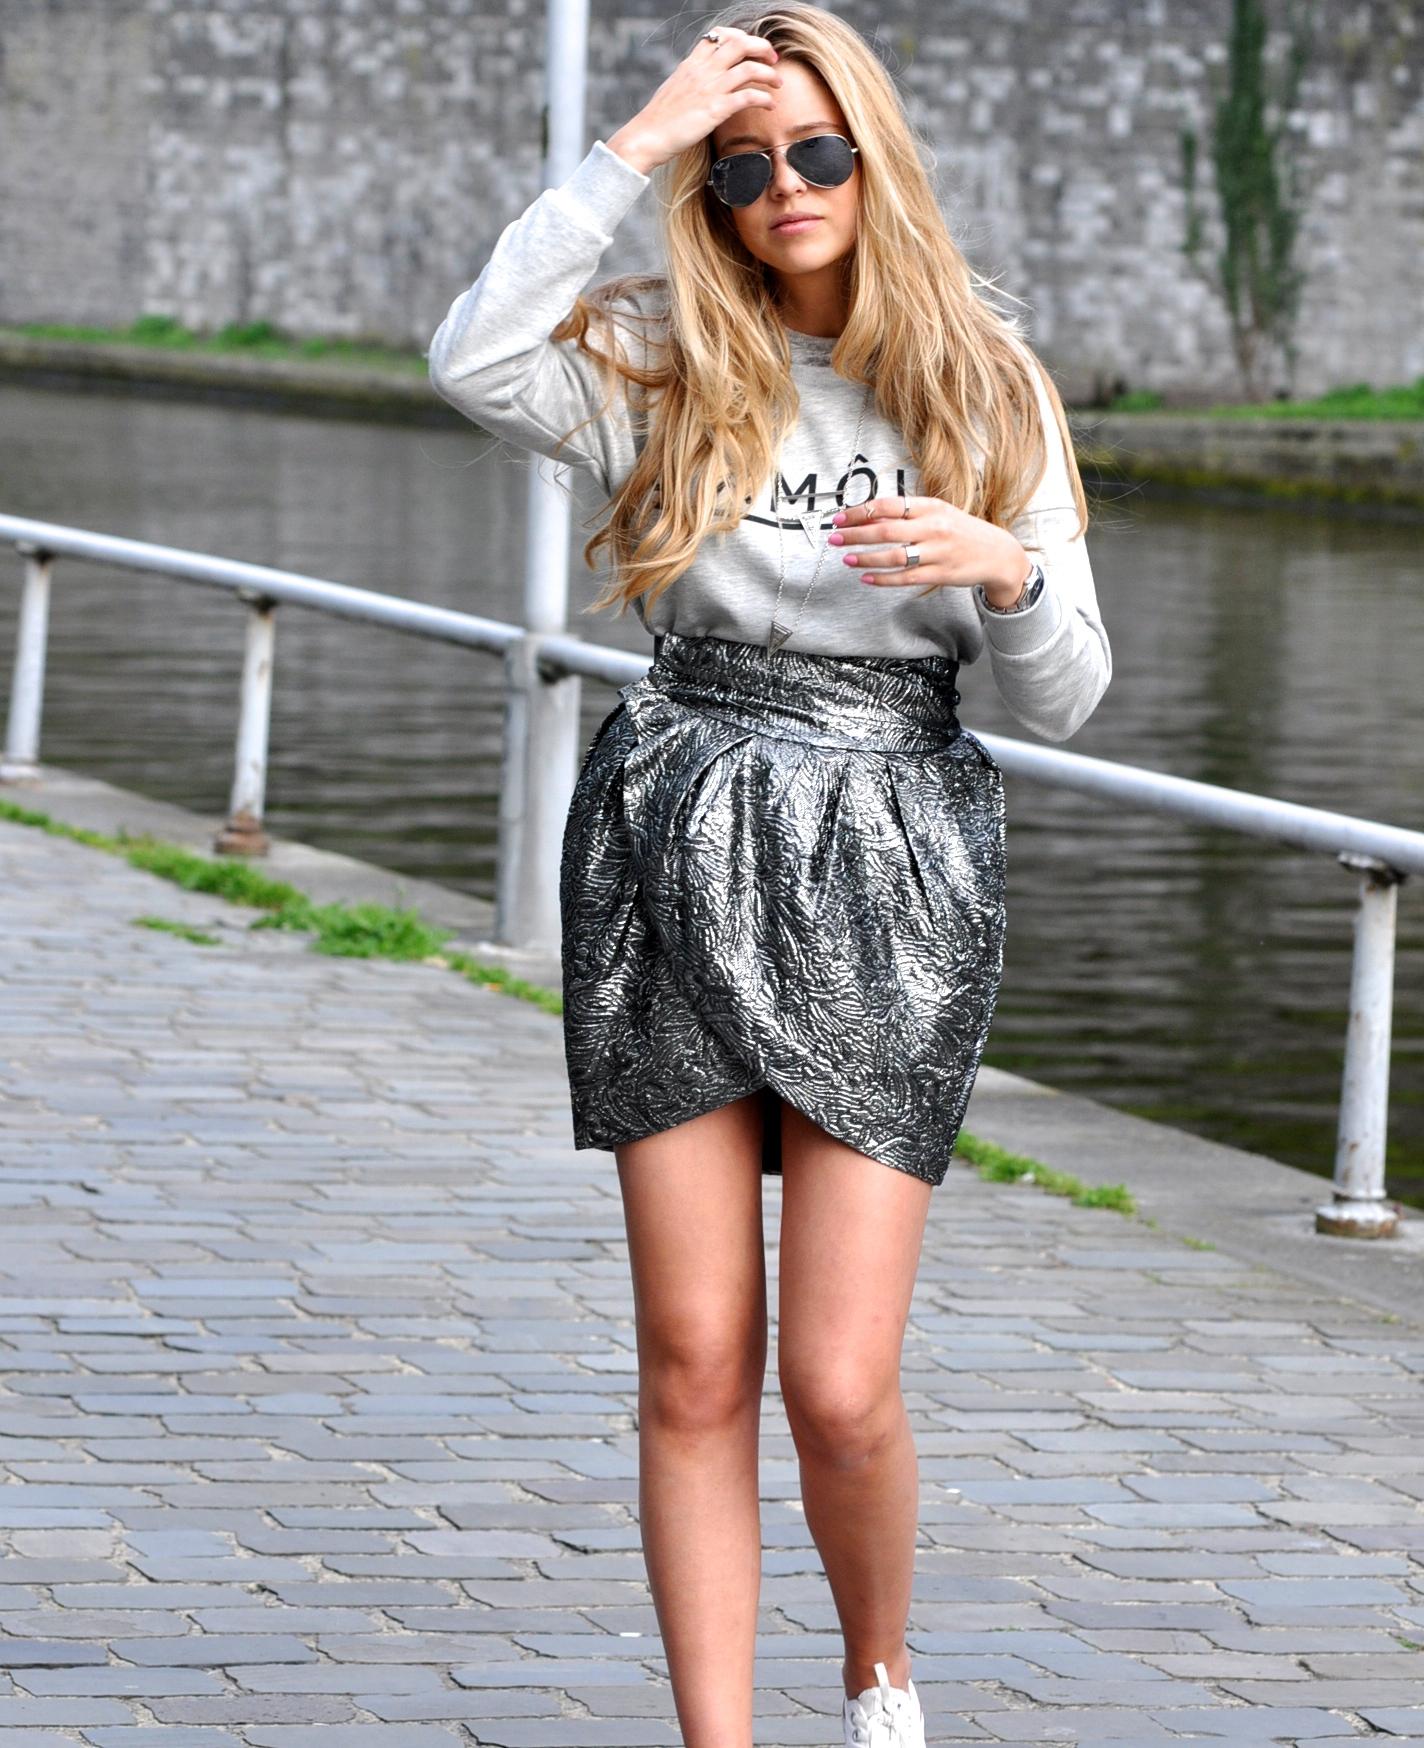 Sweat H&M ✖ Jupe Isabel Marant pour H&M ✖ Baskets converse ✖ Lunettes de soleil Ray ban